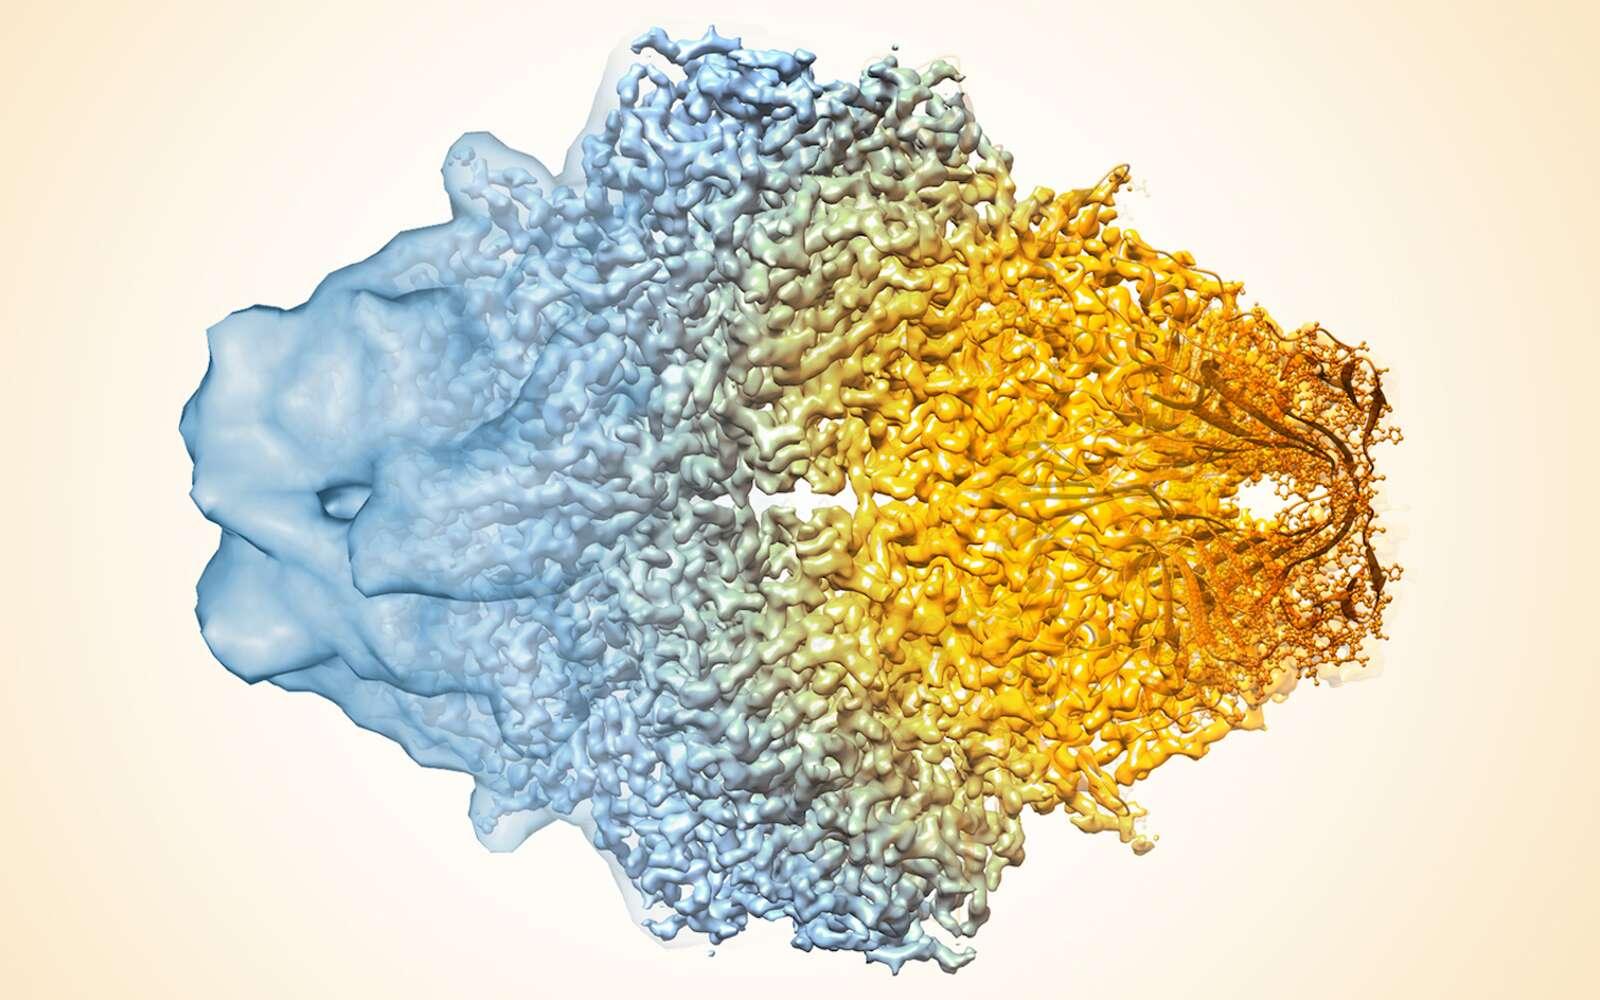 La cryo-microscopie permet d'observer des détails à l'échelle de l'atome. © NIH